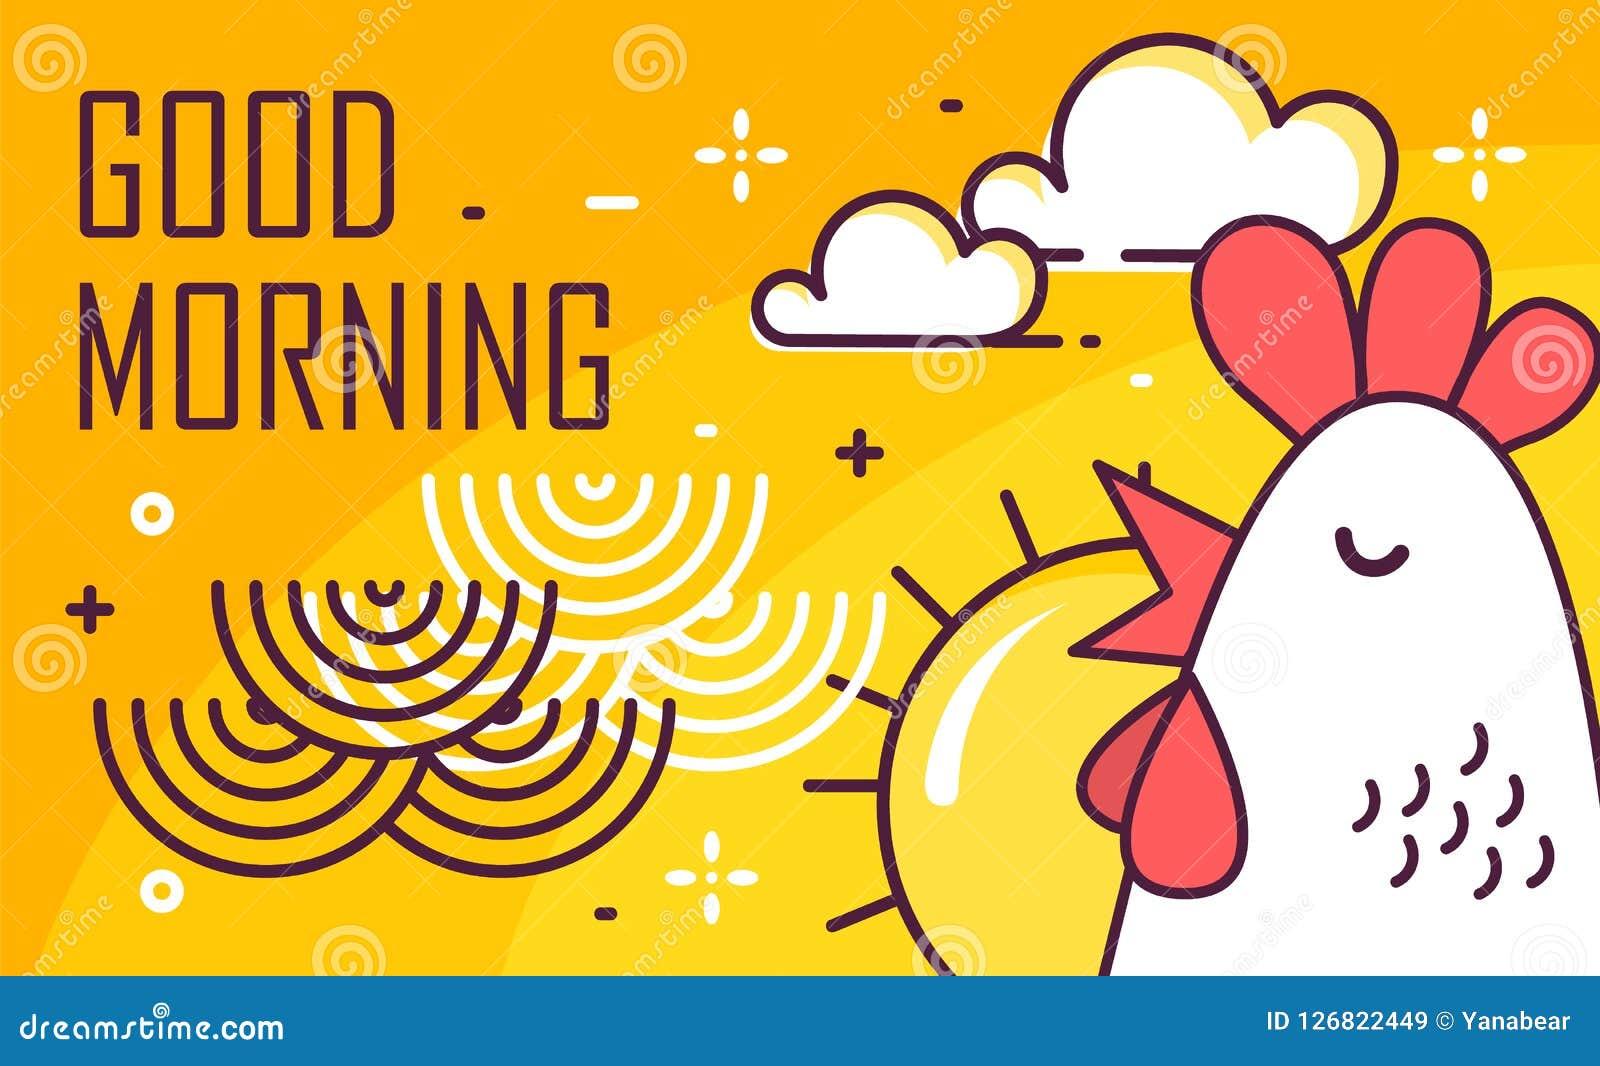 Manifesto Di Buongiorno Con Il Gallo Il Sole E Le Onde Su Fondo